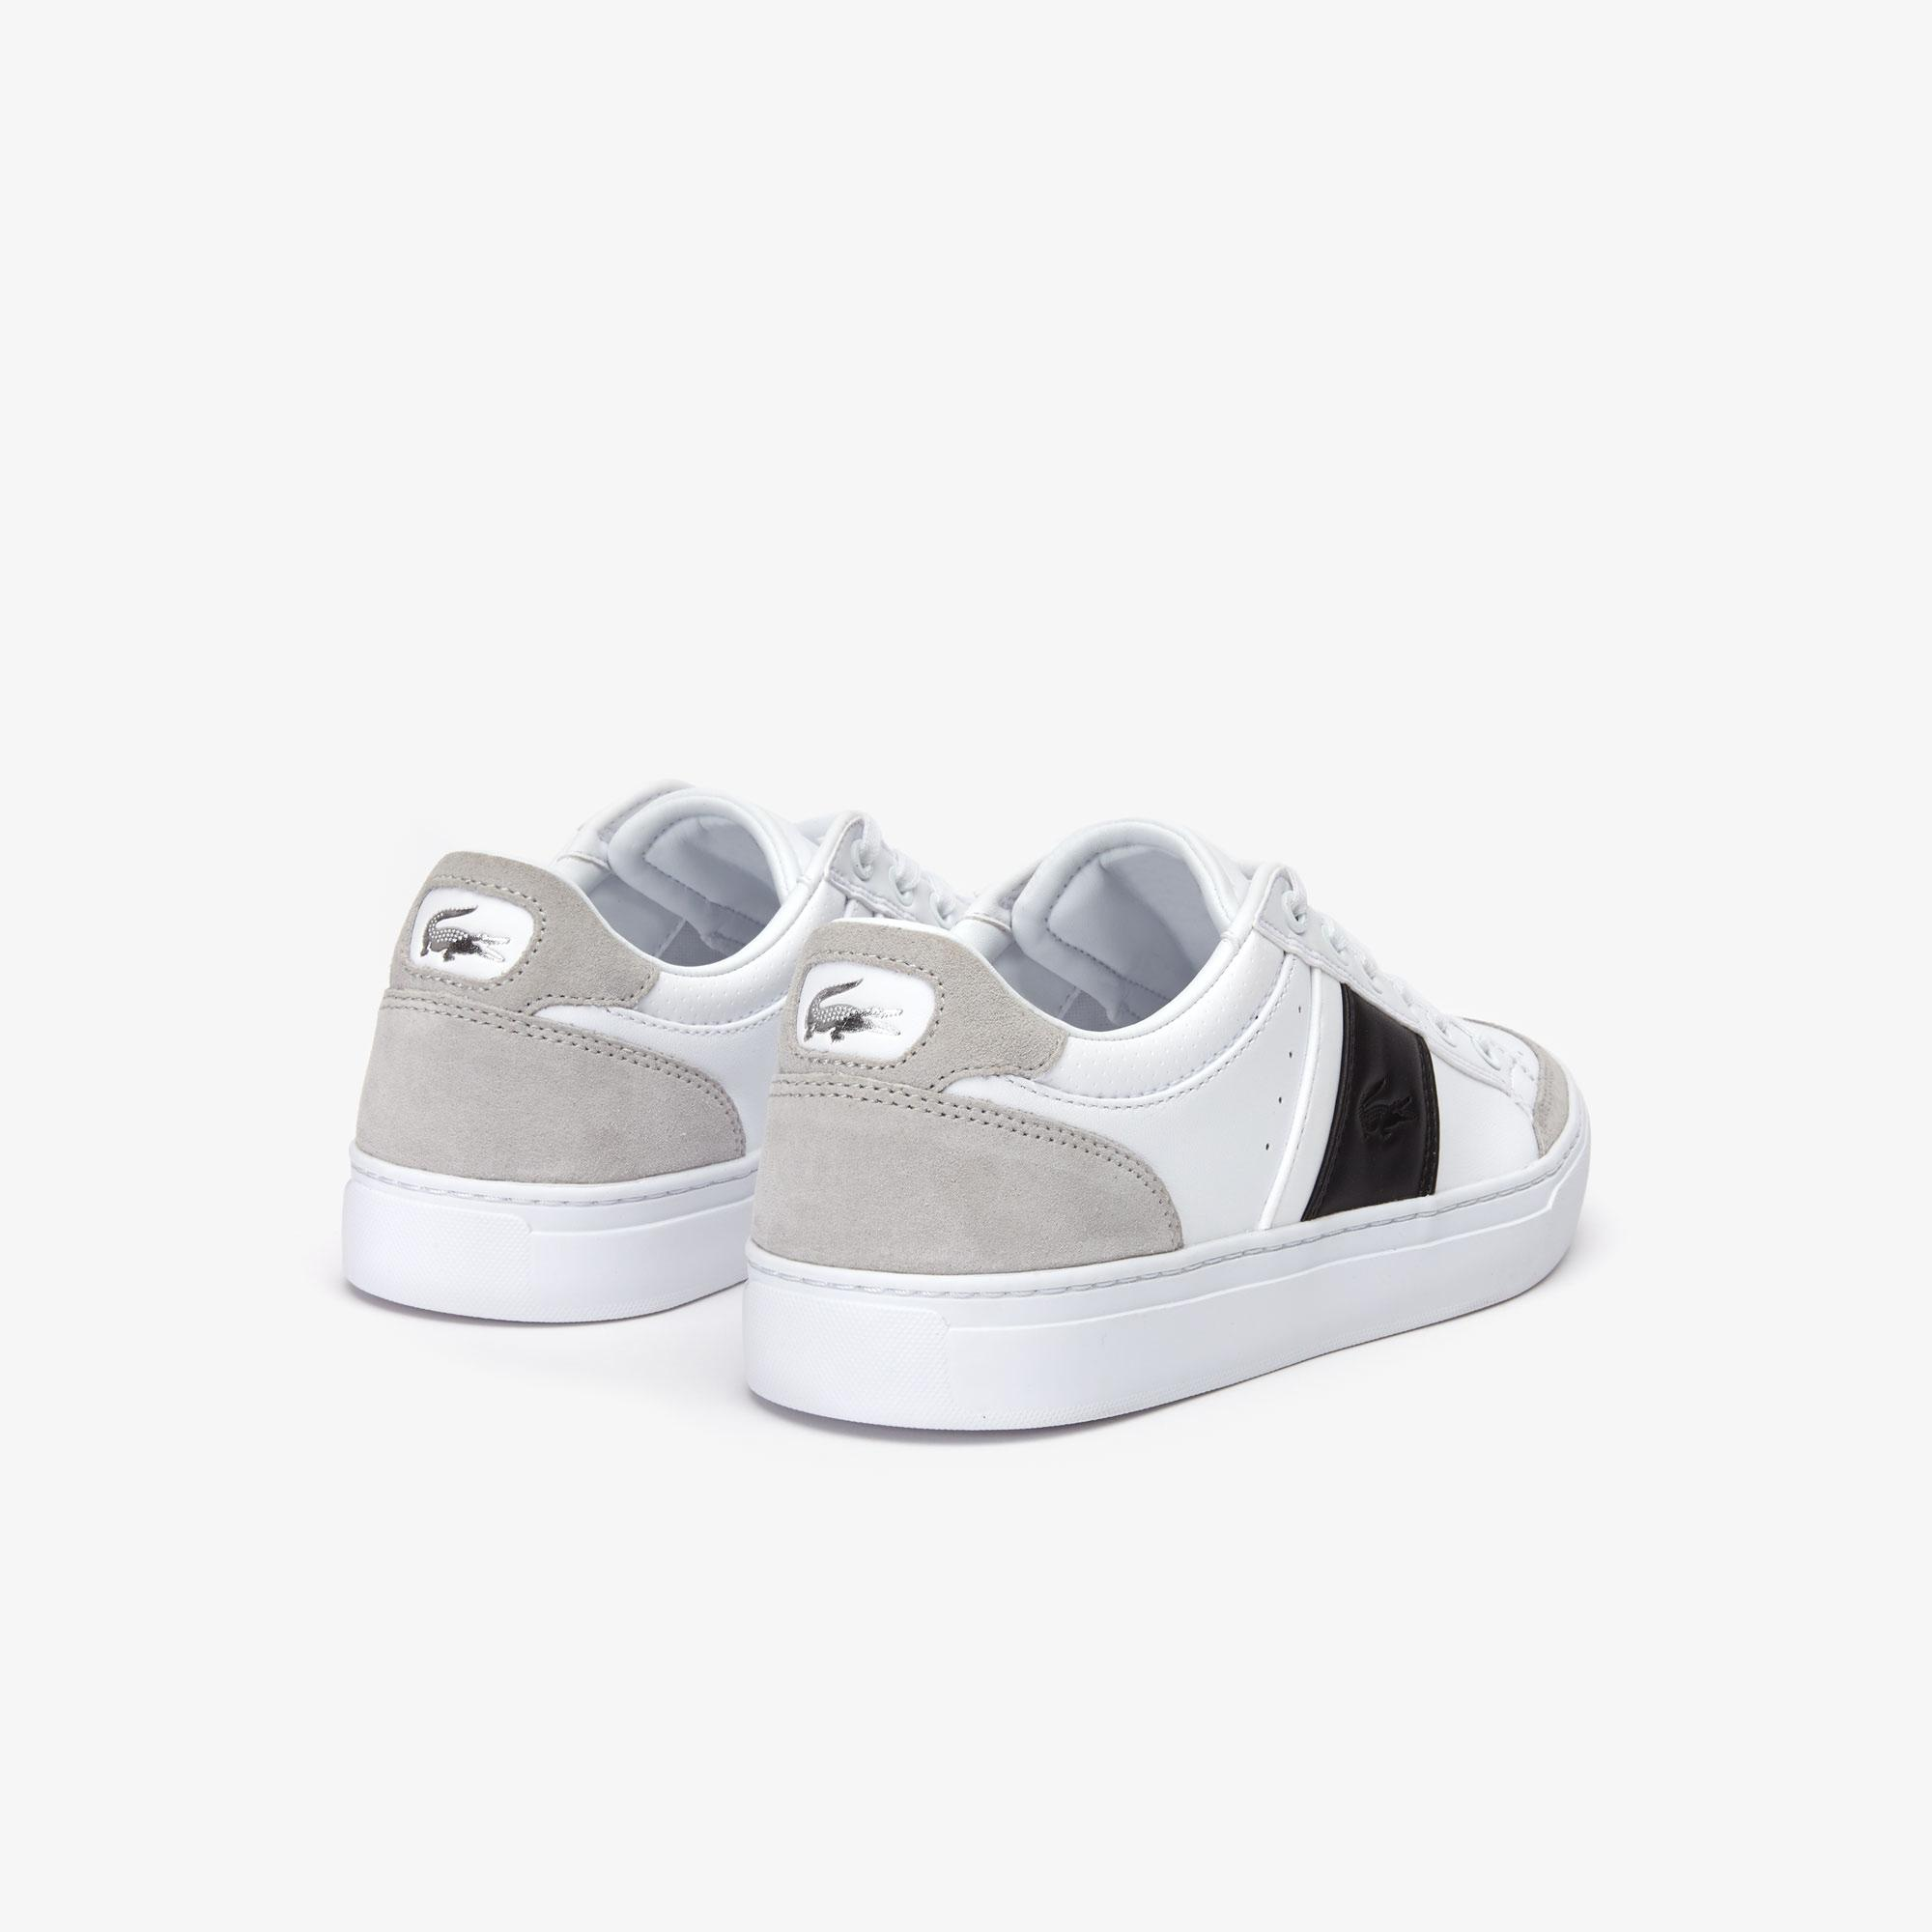 Lacoste Courtline 319 1 US CMA Erkek Beyaz - Siyah Casual Ayakkabı